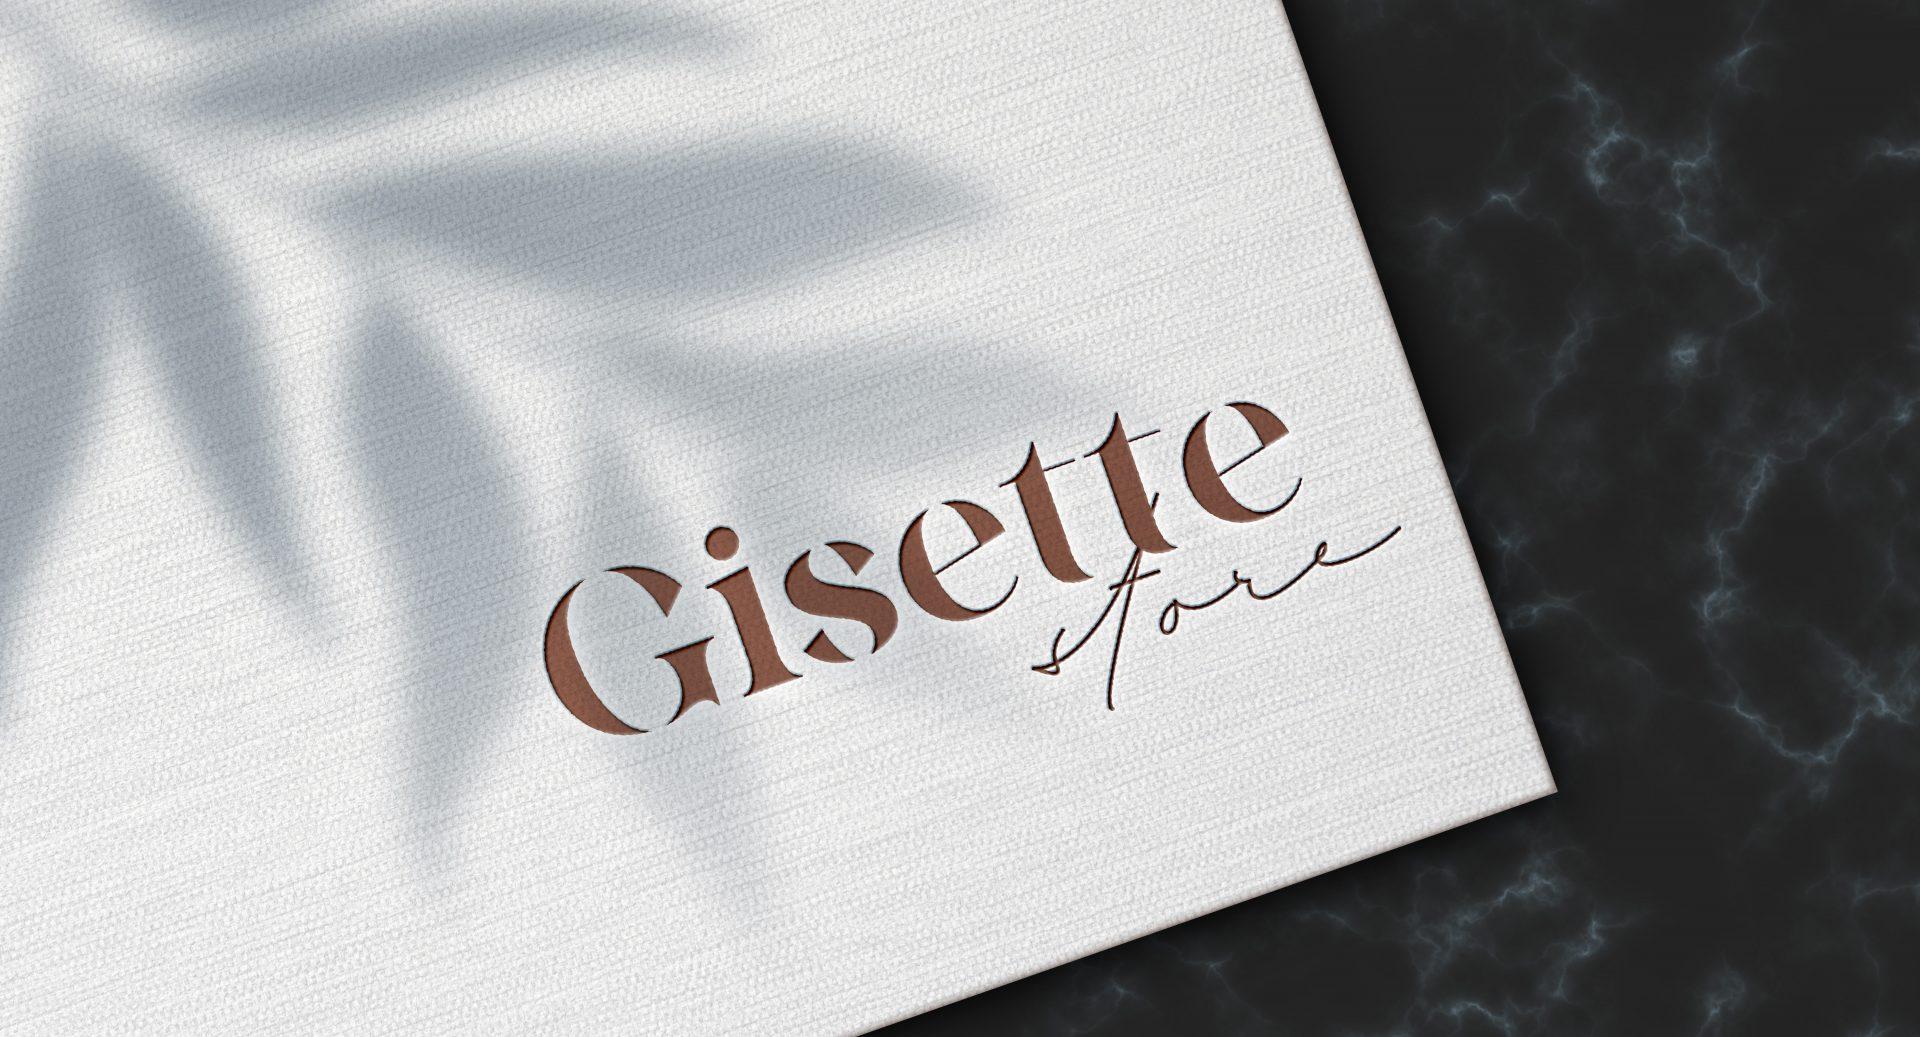 Gisette store logo